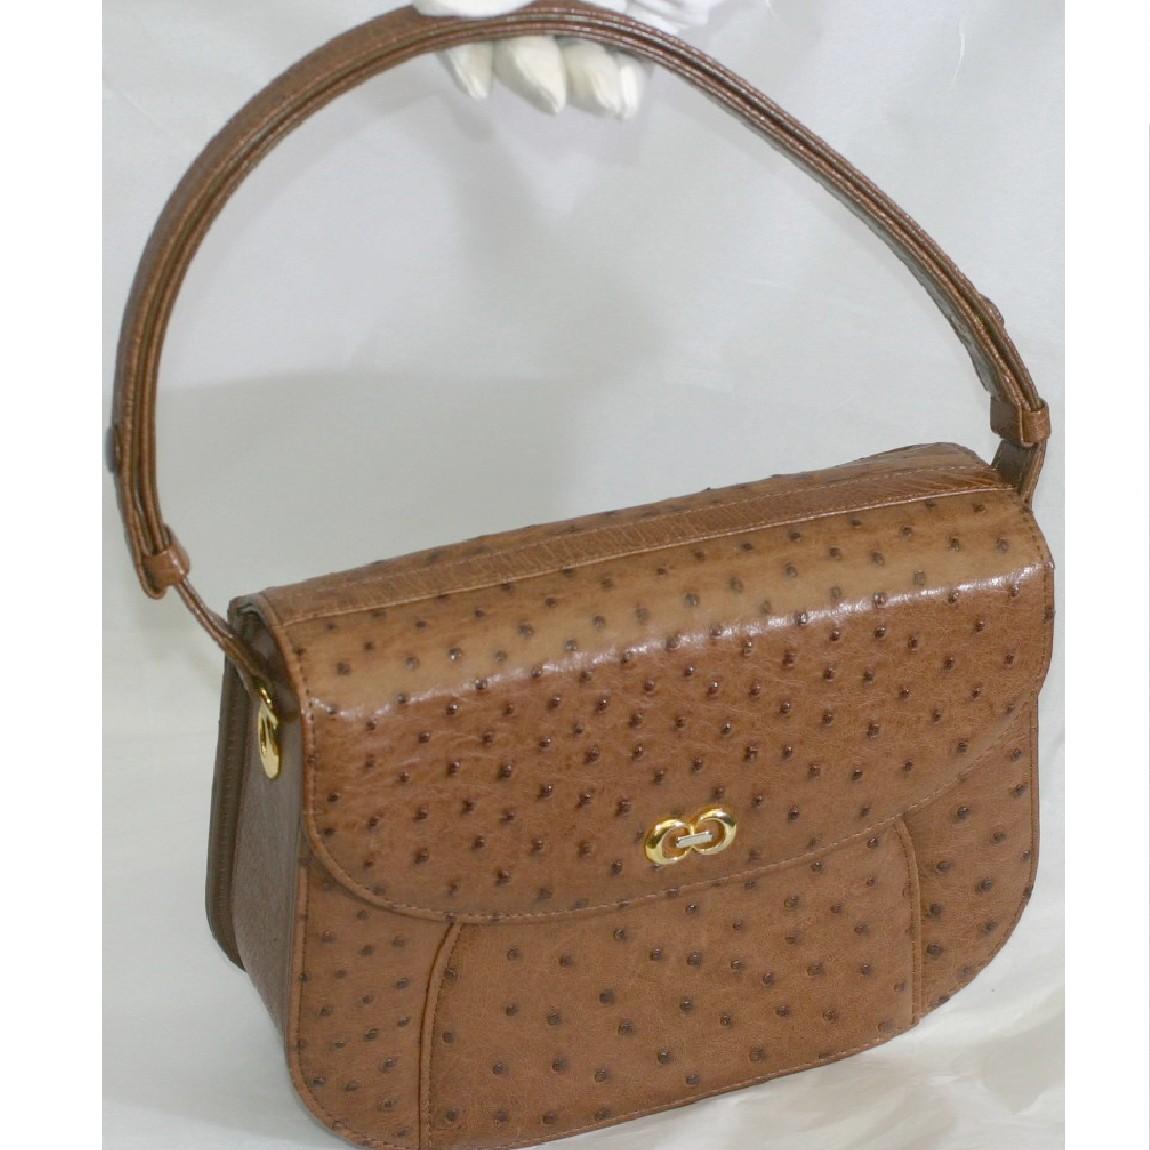 【中古】本物ほぼ新品女性用ブラウン色系大きいオーストリッチ素材セミショルダーバッグ W24,5H18D7,5cm